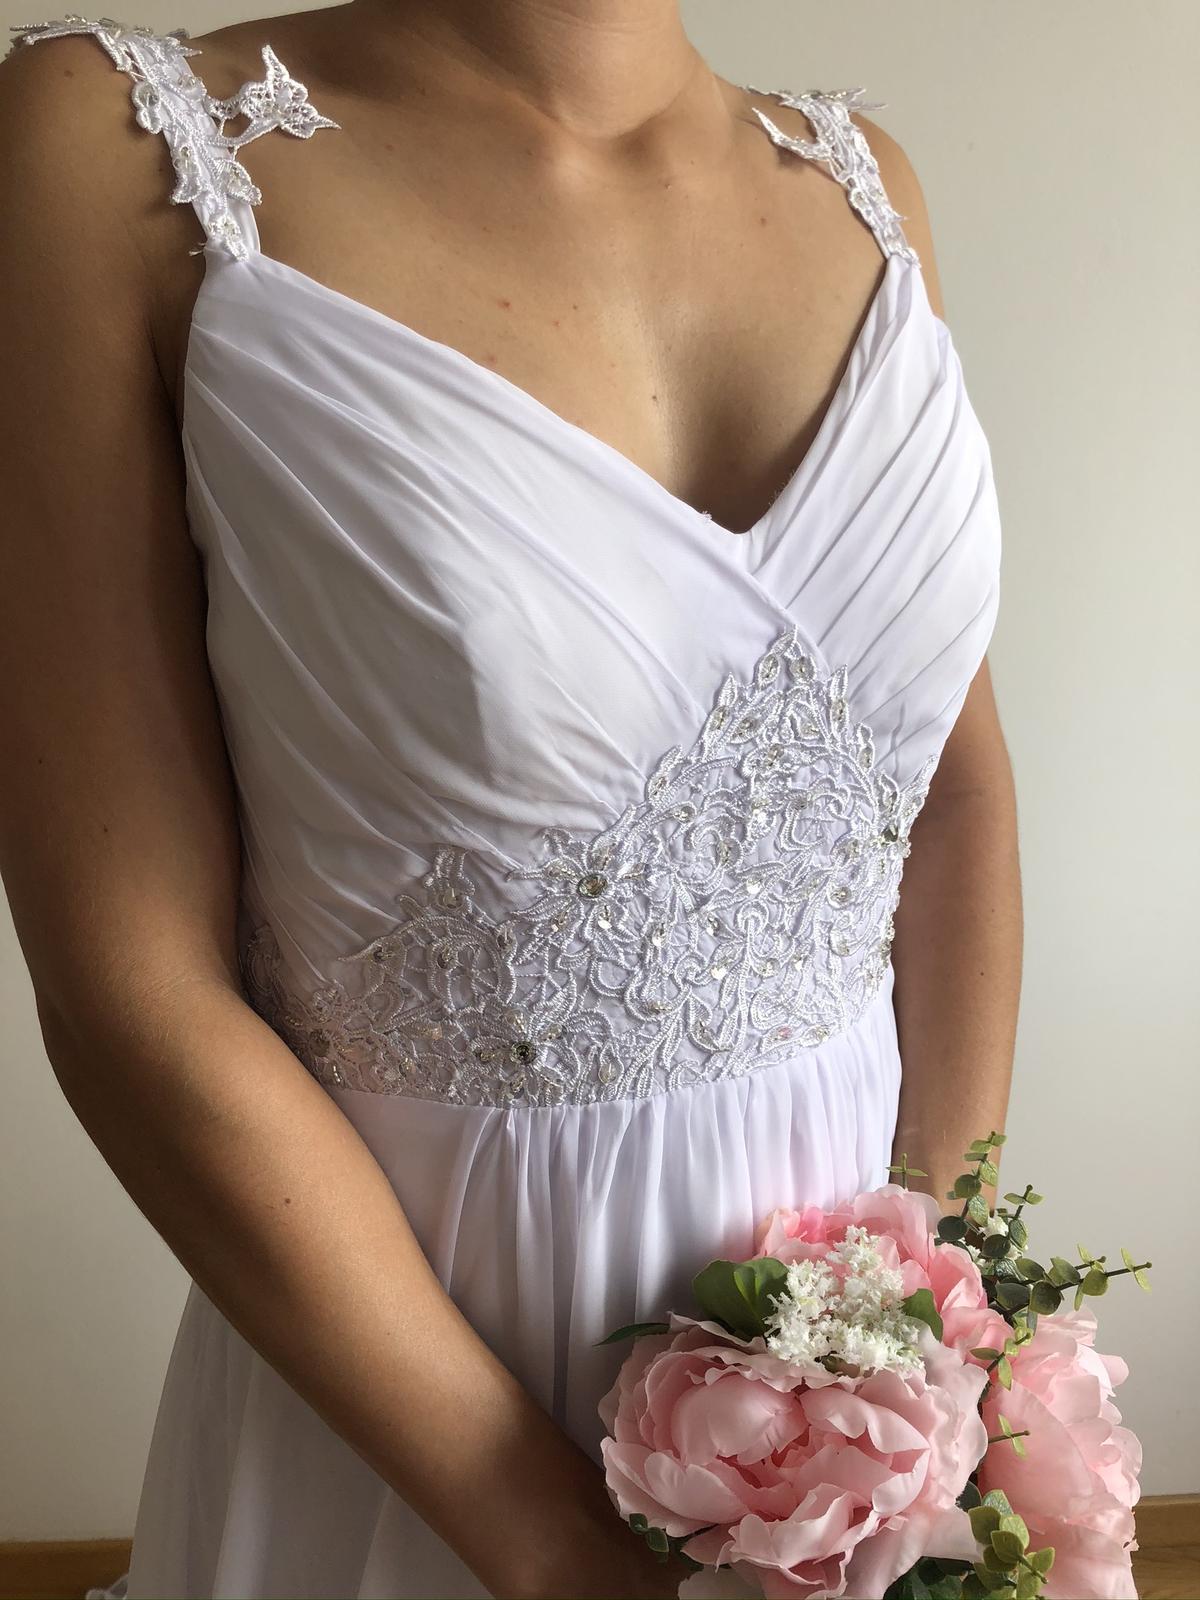 Splývavé svatební šaty, vel 40-42 - Obrázek č. 3